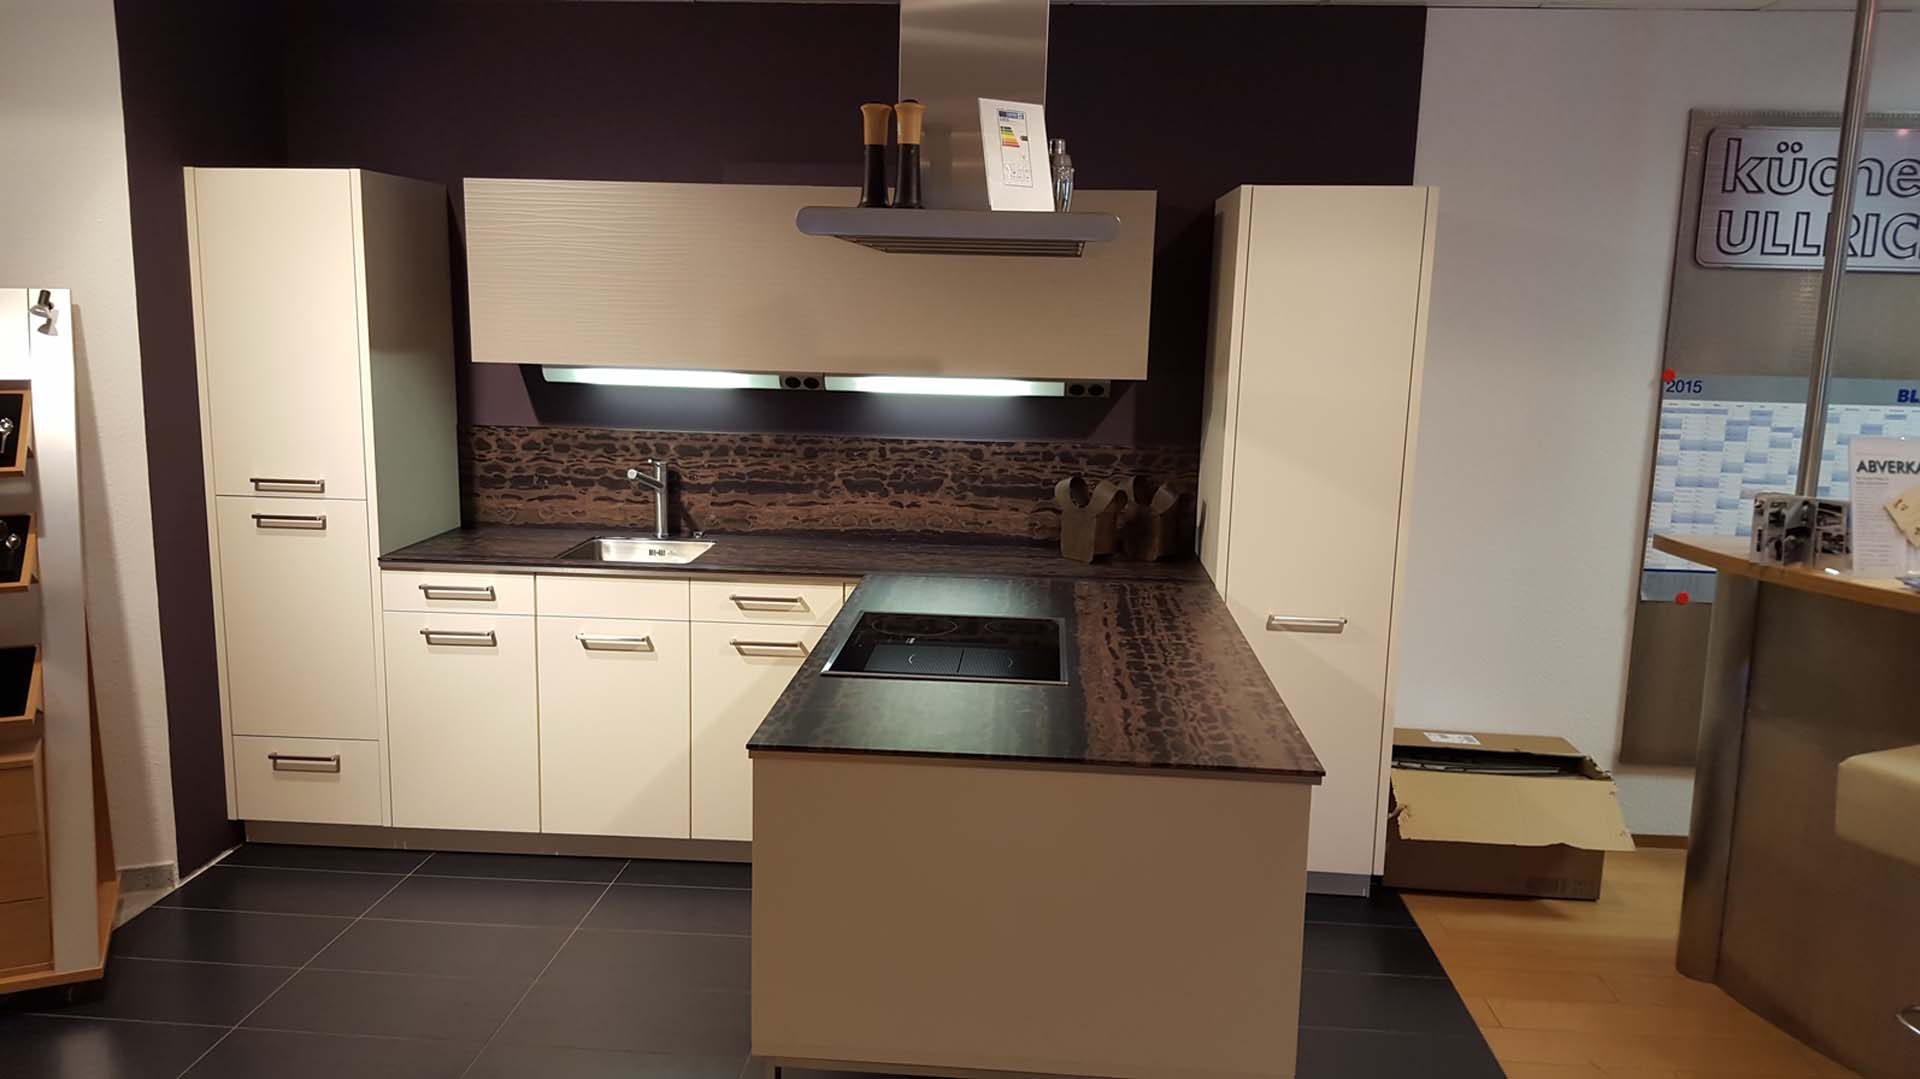 Küchenstudio Füssen, Küchenstudio Kempten, Küchenstudio ...